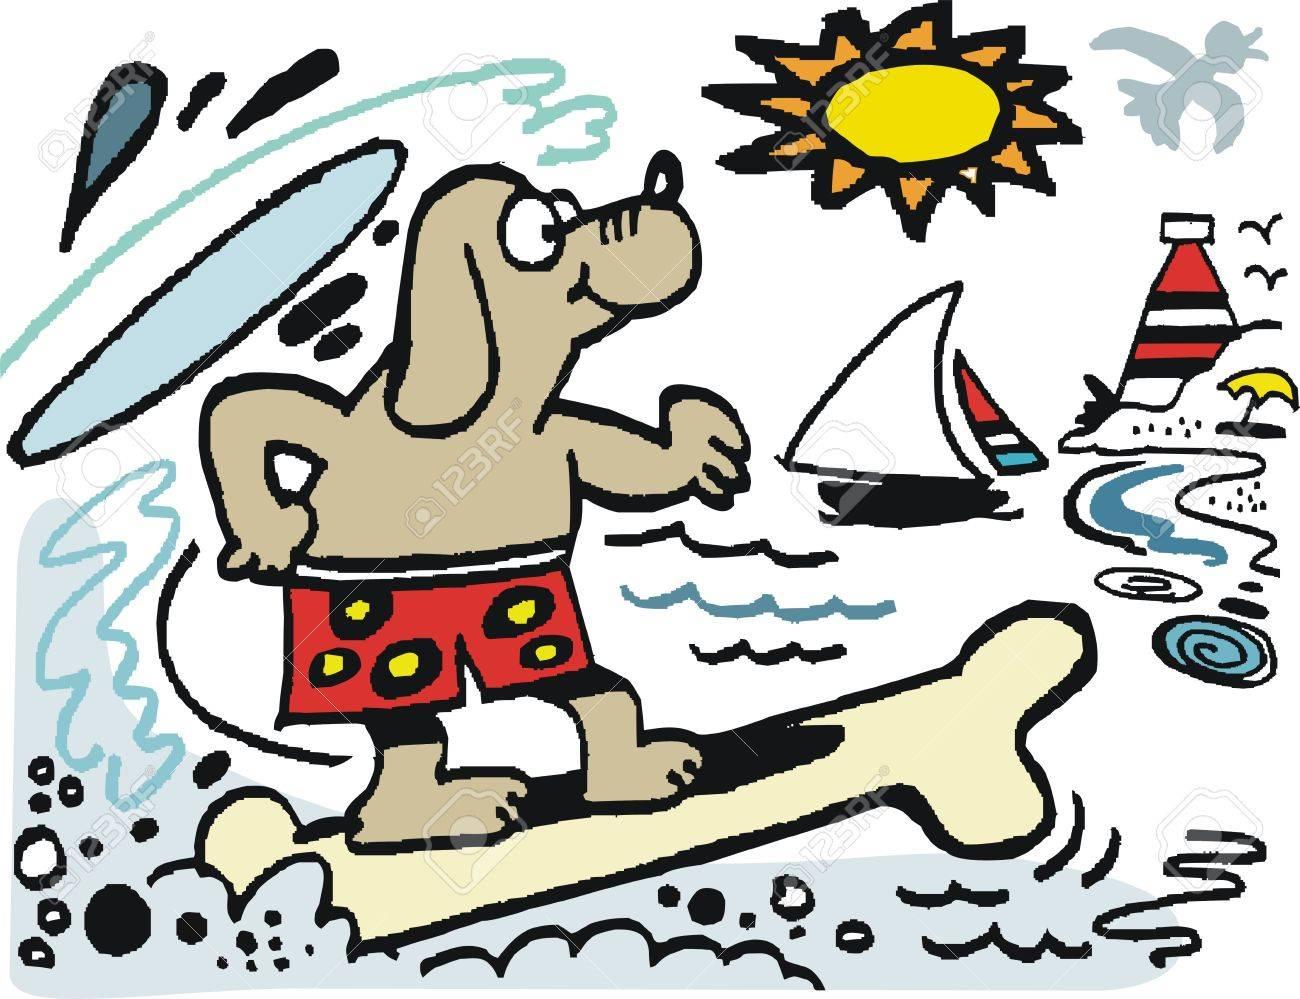 Dibujos De Tablas De Surf Para Colorear. Finest Dibujos De Tablas De ...